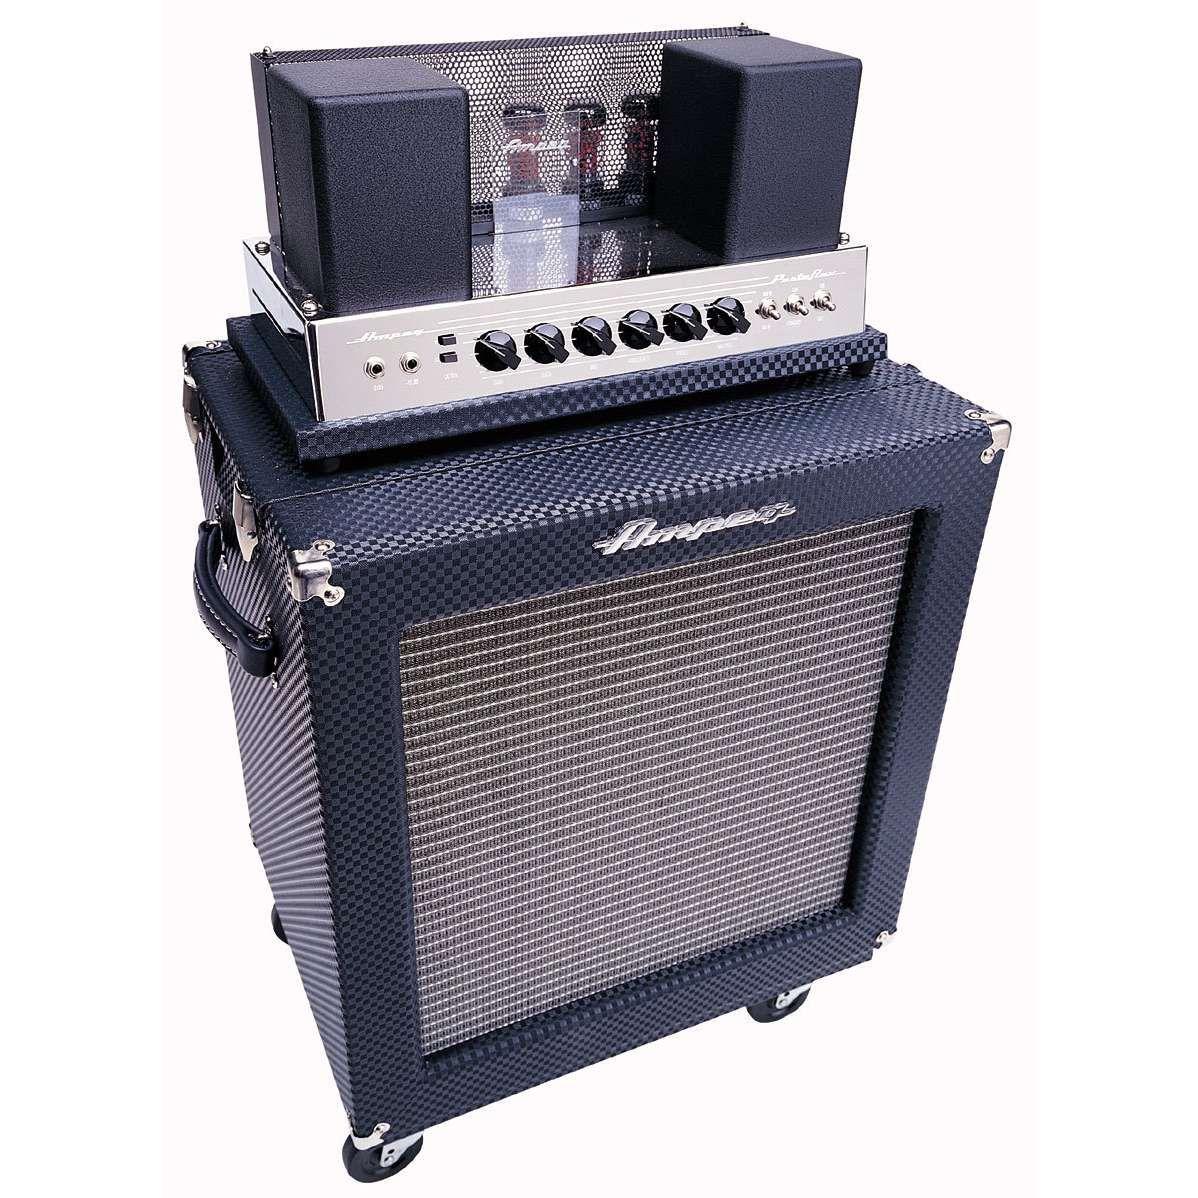 ampeg b15 reissue | Guitars/Gear | Bass amps, Guitar pedals, Guitar amp